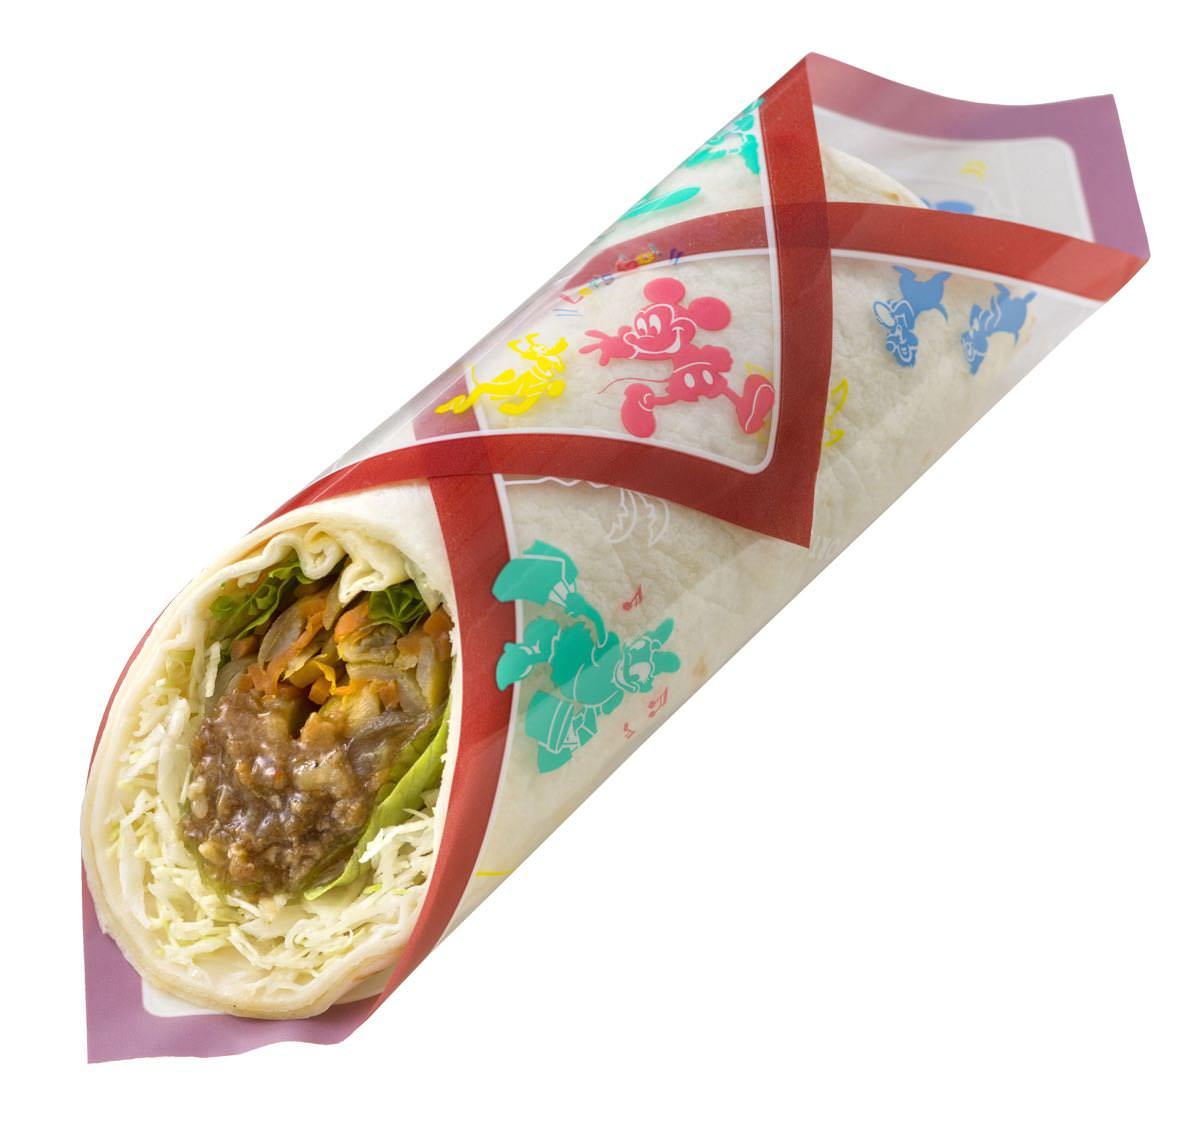 ラップサンド(焼肉&ゴボウサラダ)